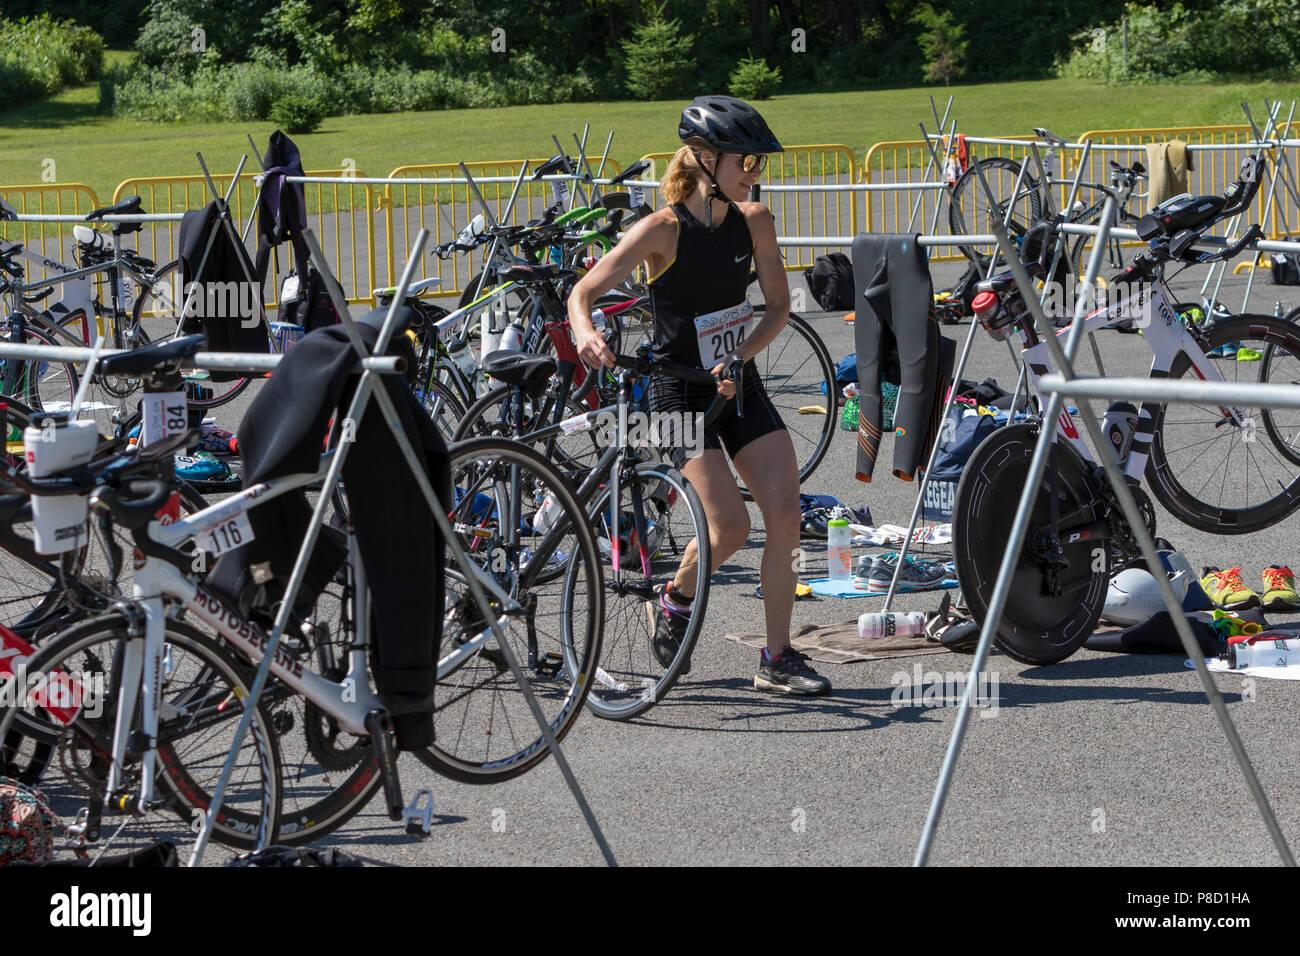 Dans la compétition Moeyaert Mariola bike segment dans le Triathlon Stissing 2018 Photo Stock